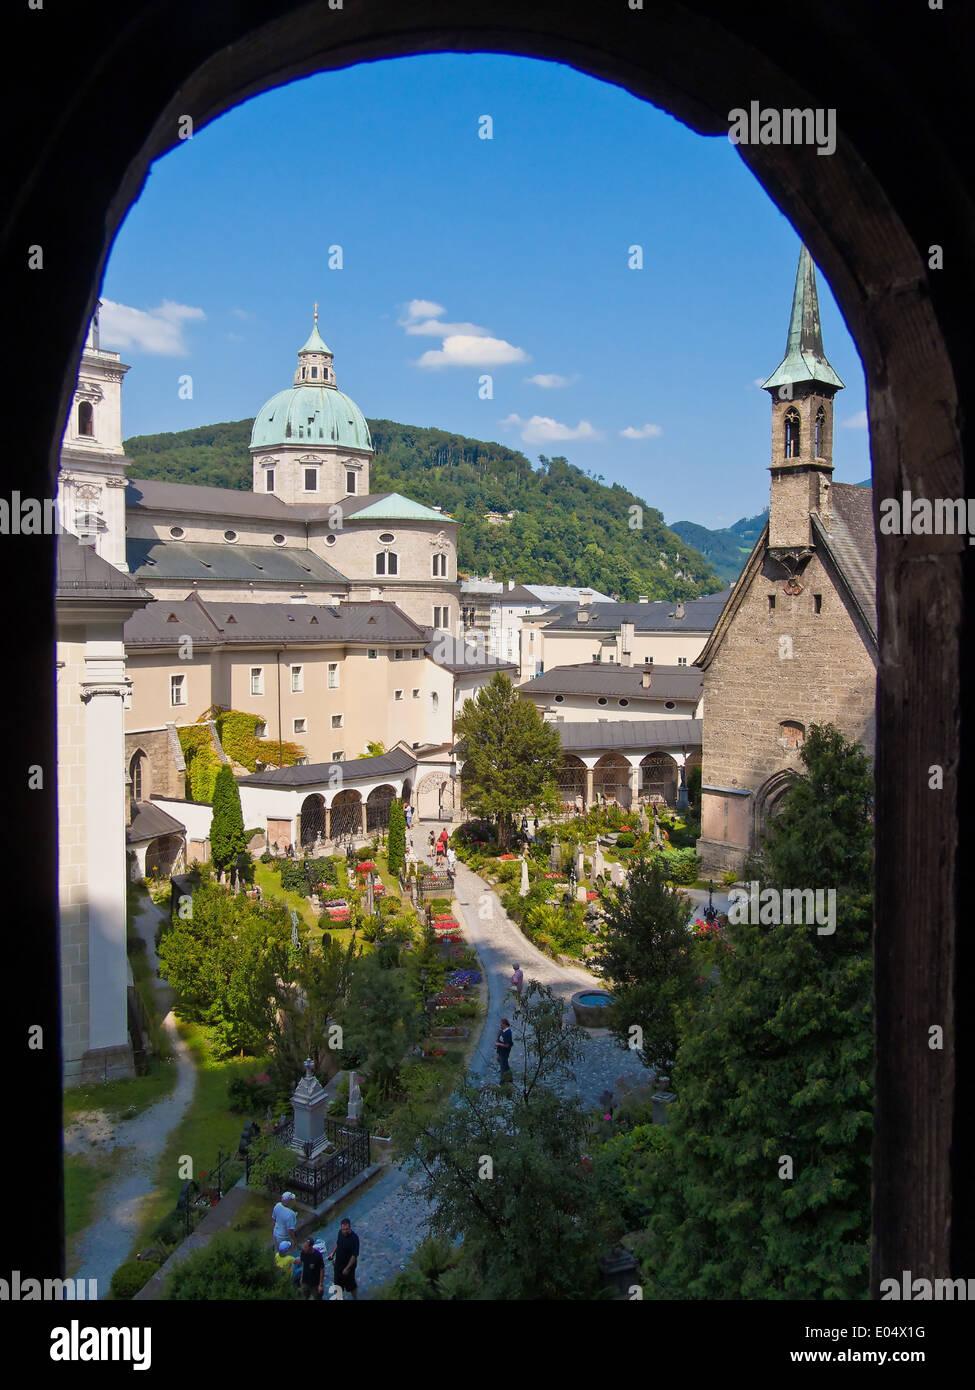 Austria, city of Salzburg, town view of high salt castle, oesterreich, Stadt Salzburg, Stadtansicht von Hohensalzburg - Stock Image